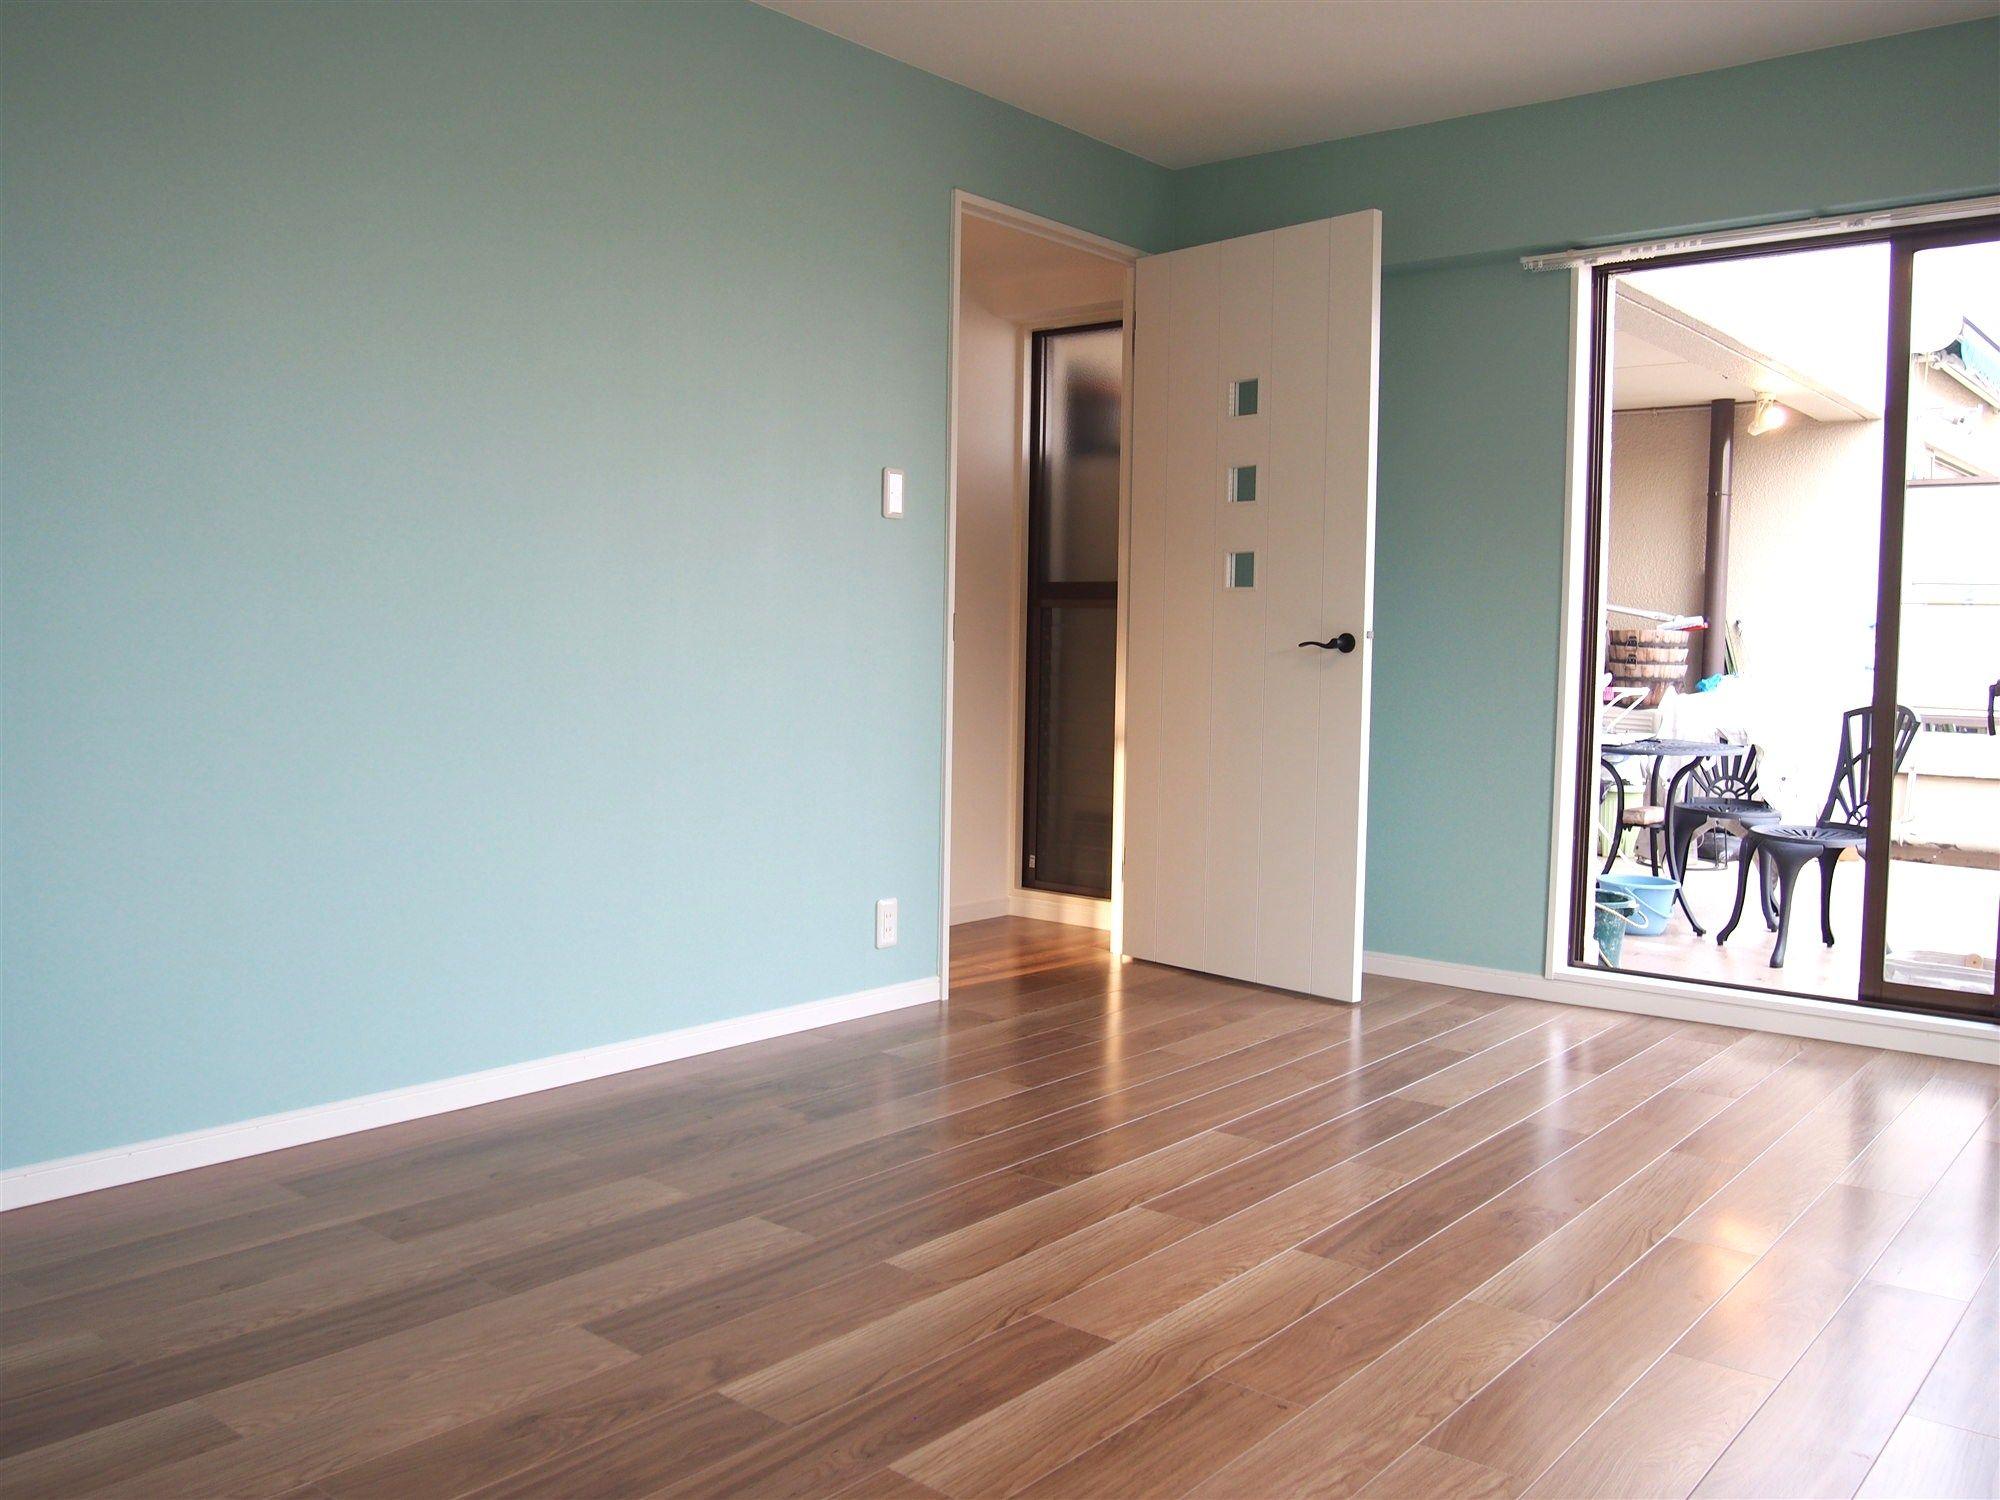 子供 部屋 壁紙 色 部屋 壁紙 リフォーム 天井 子供部屋